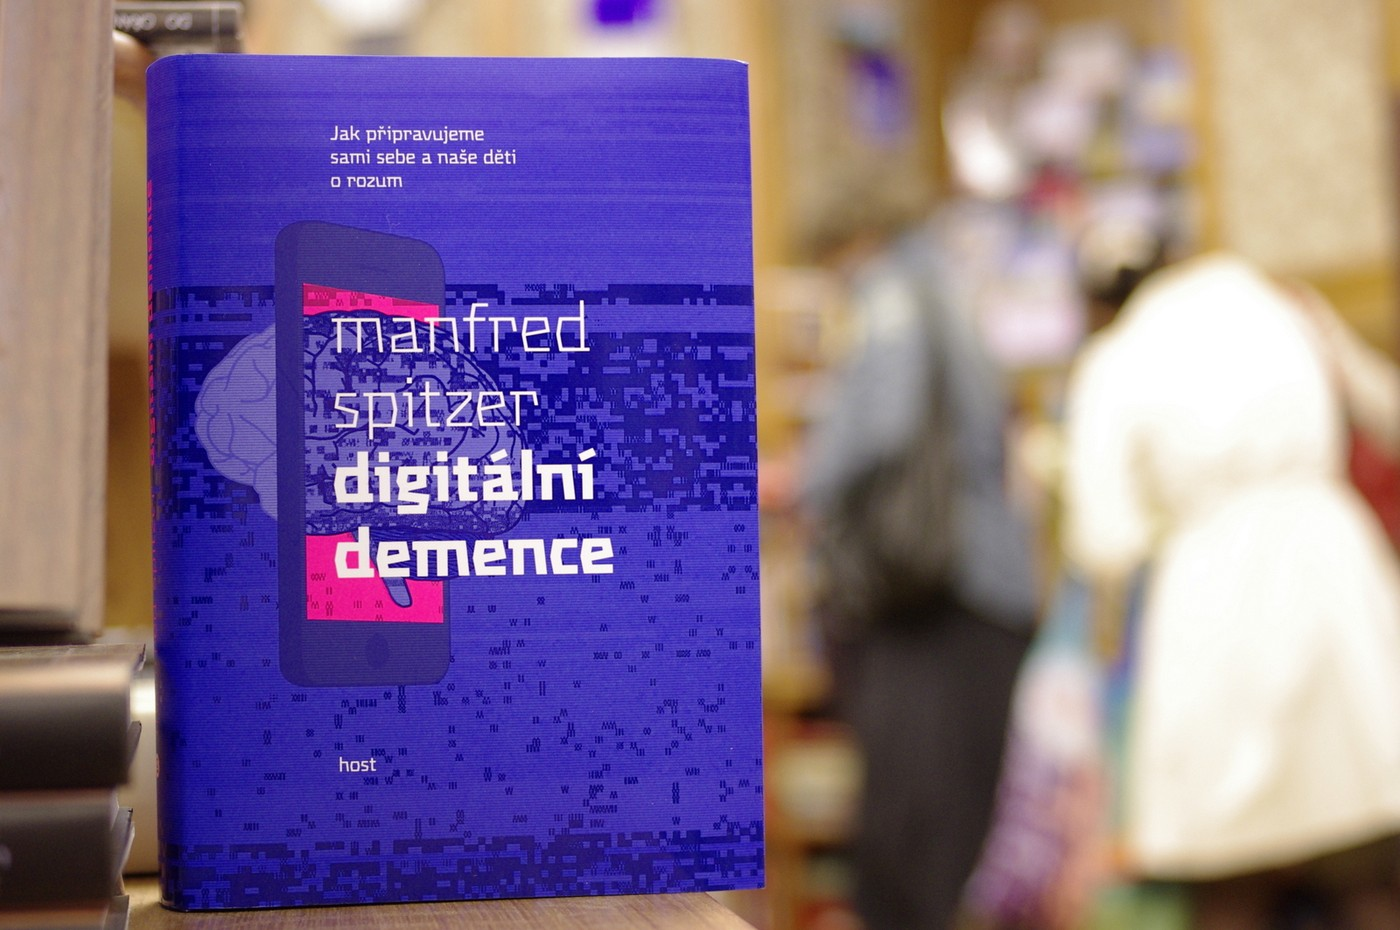 Manfred Spitzer - Digitální demence